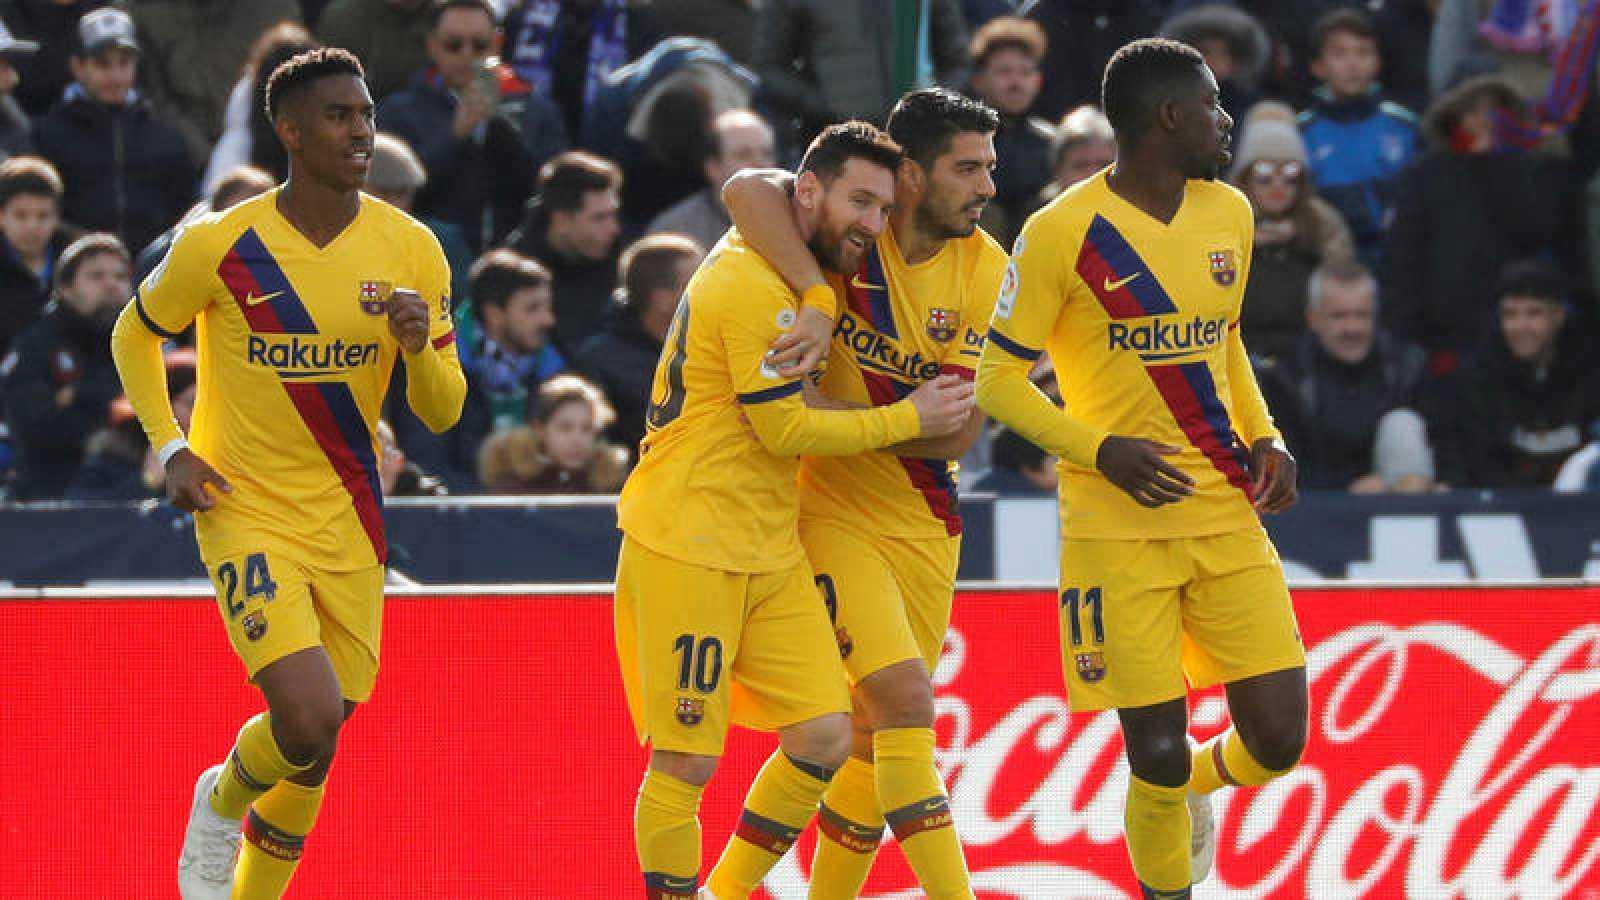 El delantero uruguayo del Barcelona Luis Suárez festeja su gol